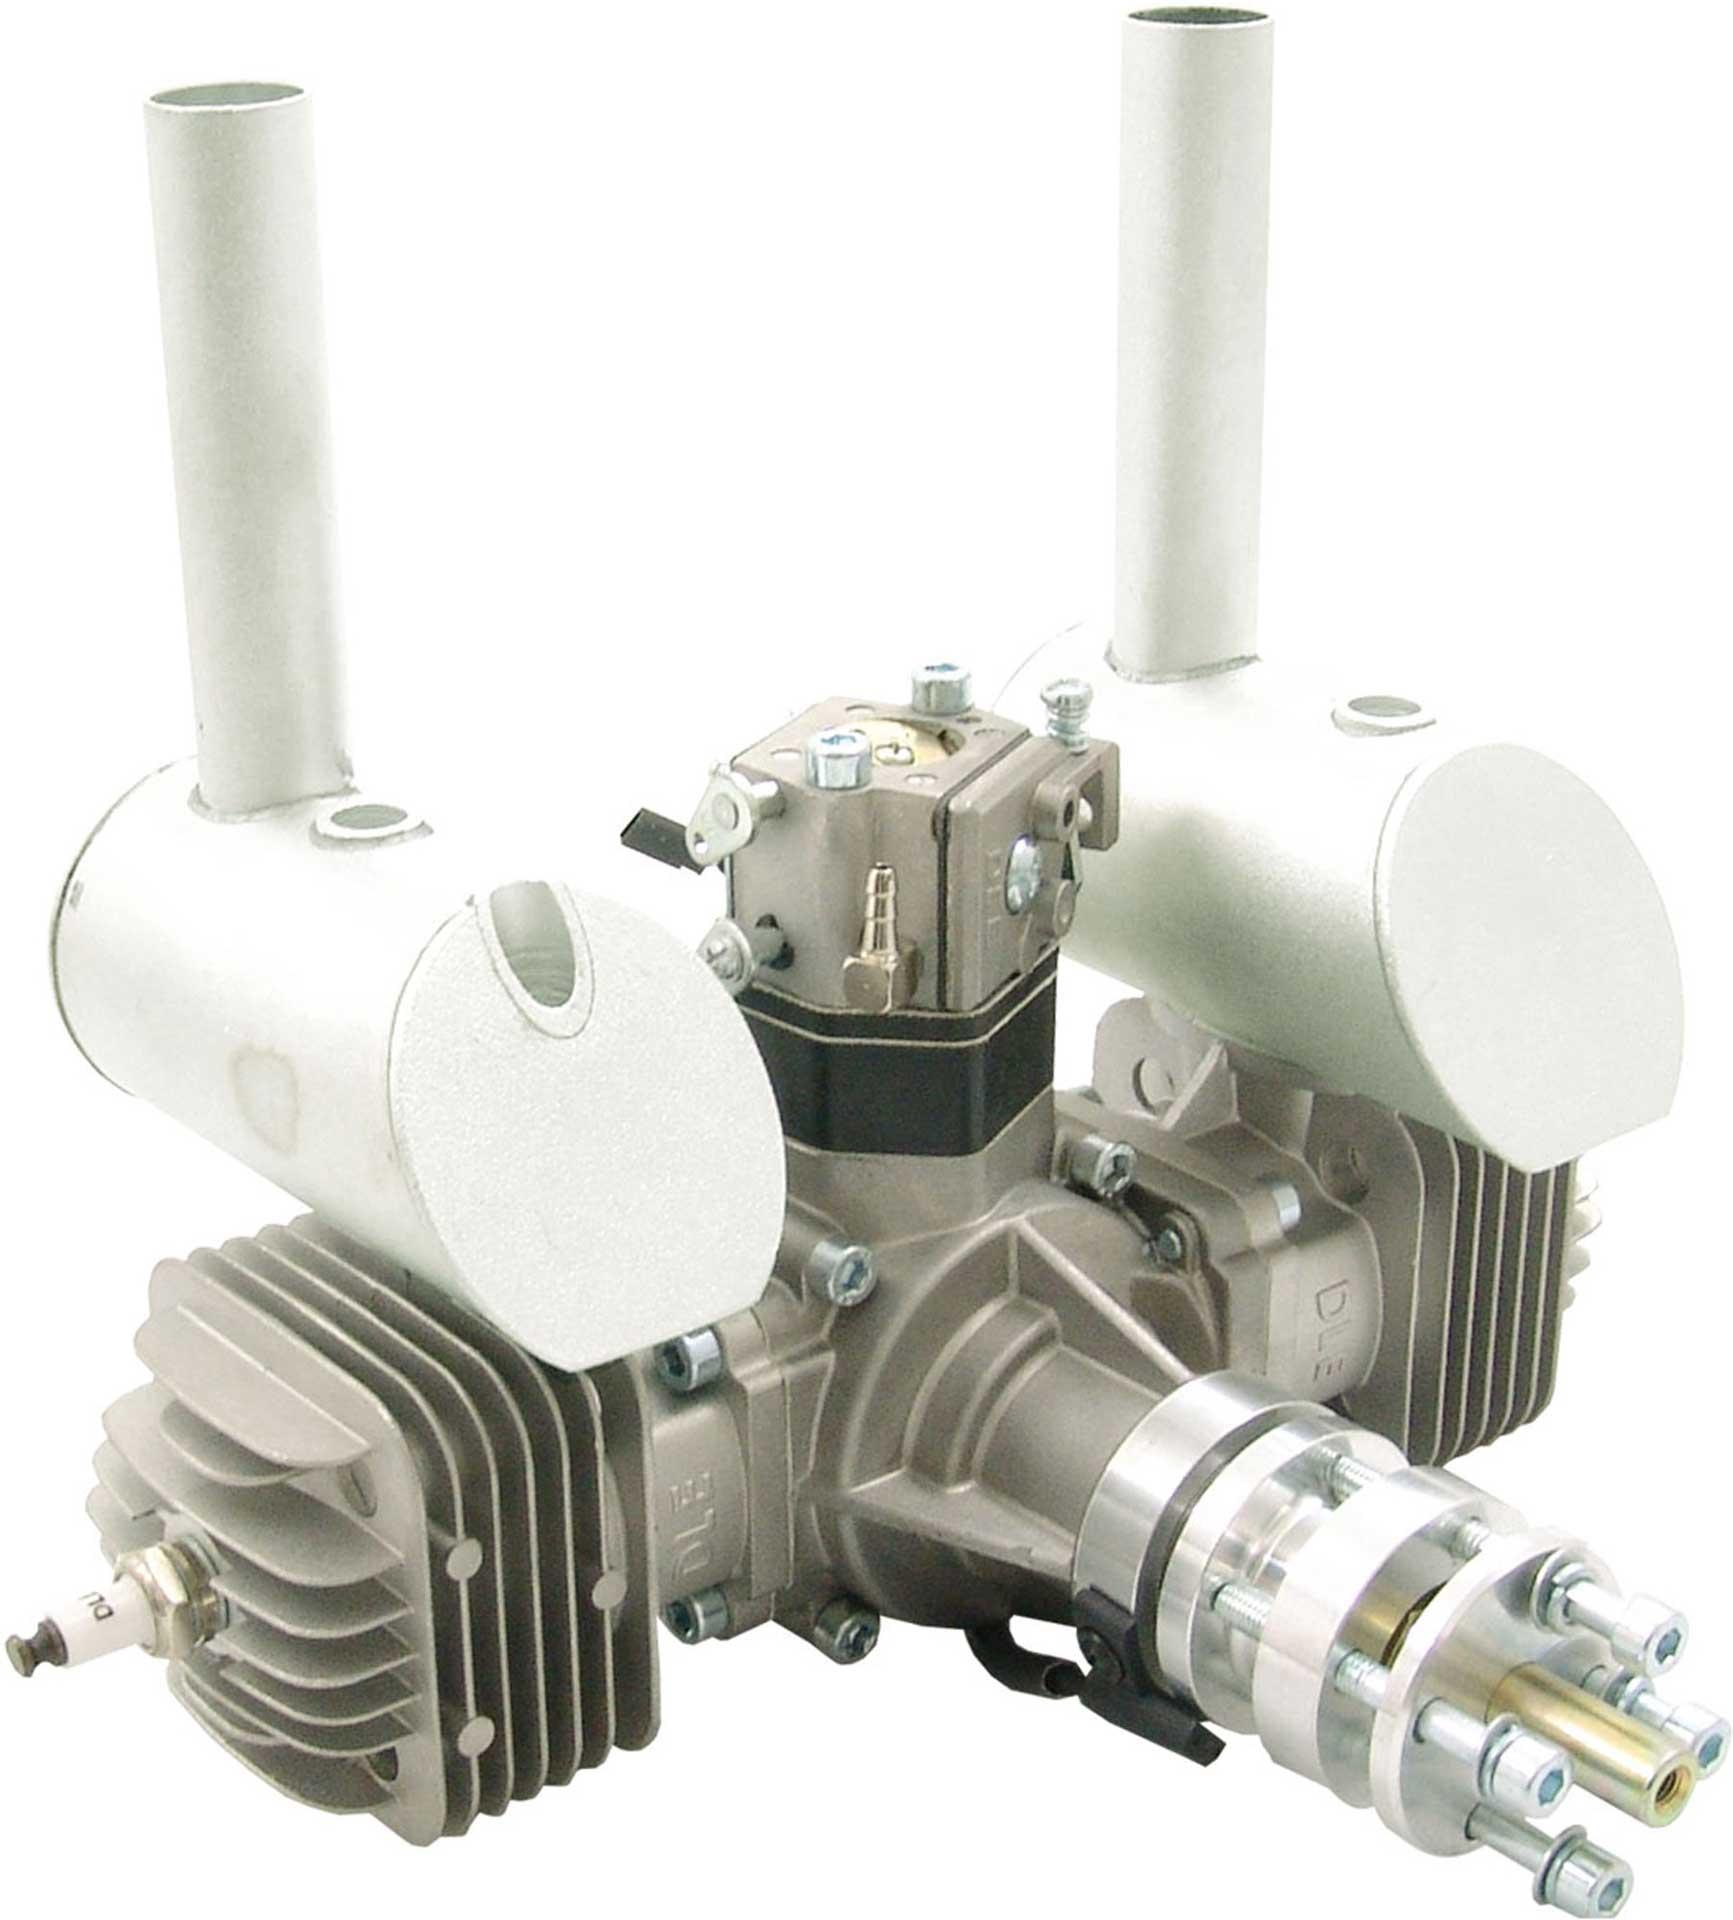 DLE Engines DLE 60 2-ZYLINDER BENZIN MOTOR